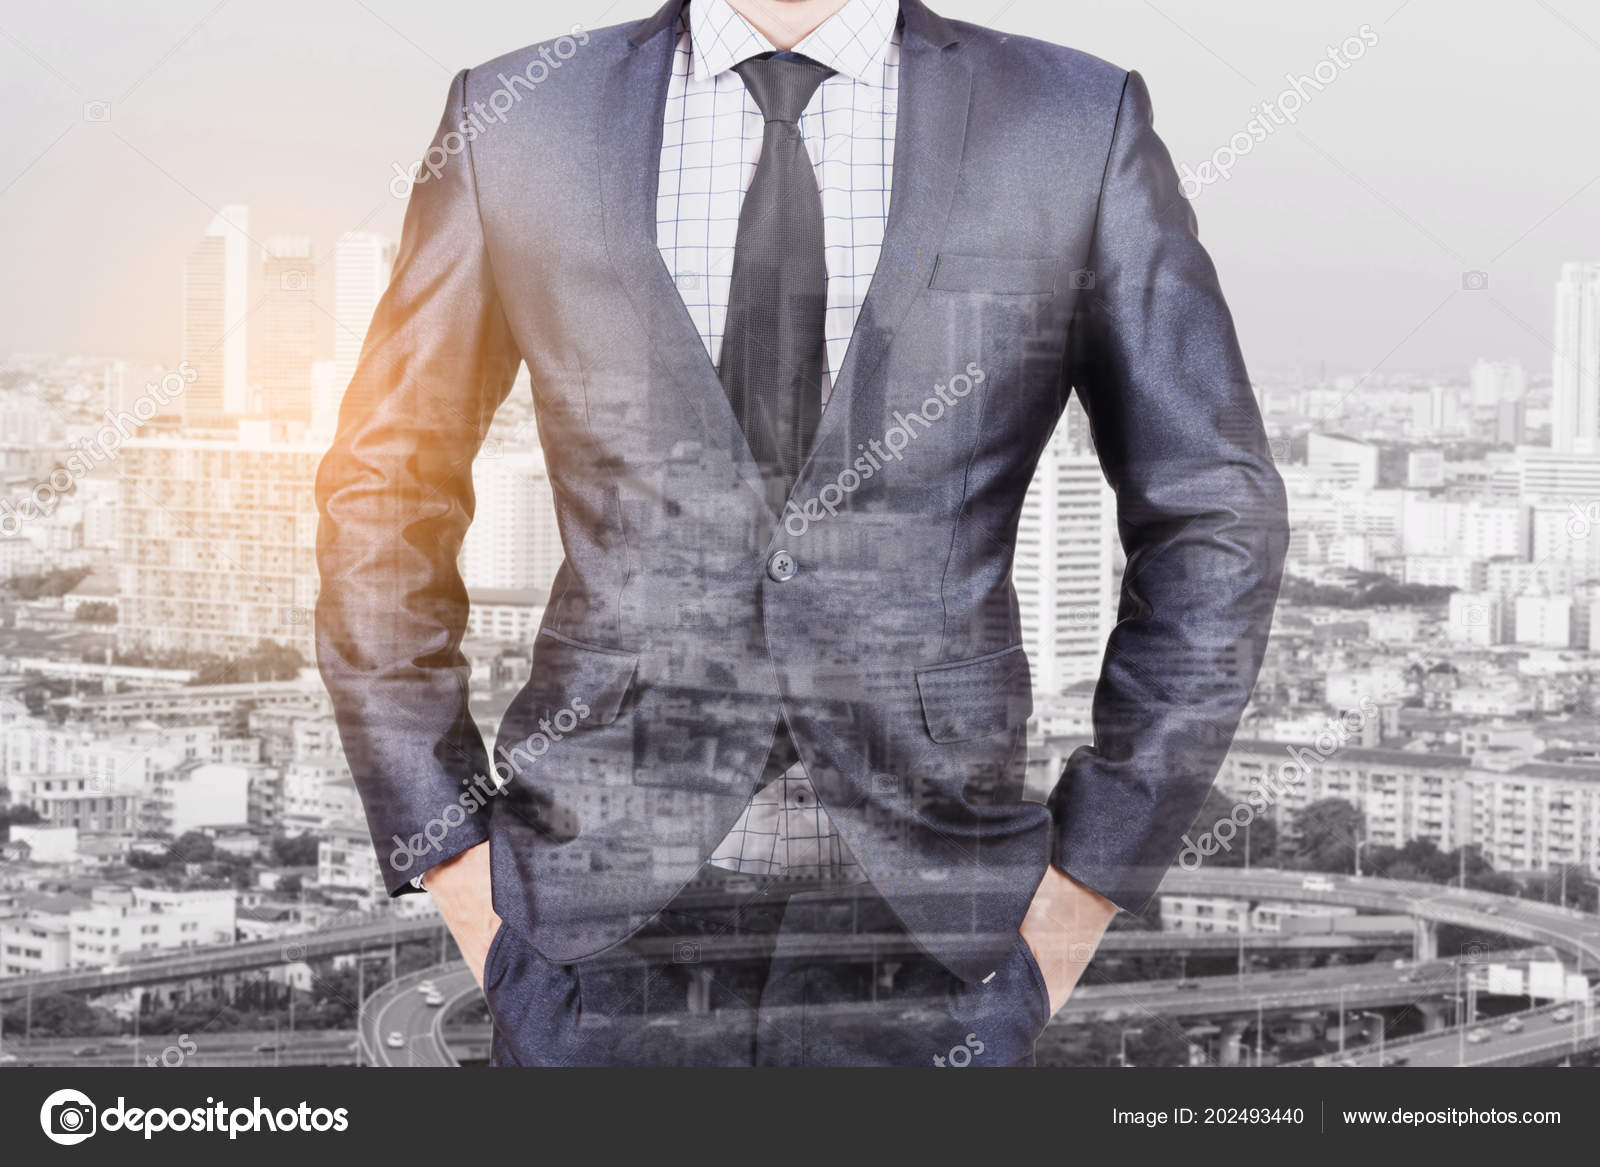 7017380fc179a Double Exposure Businessman Suit City Background — Stock Photo ...